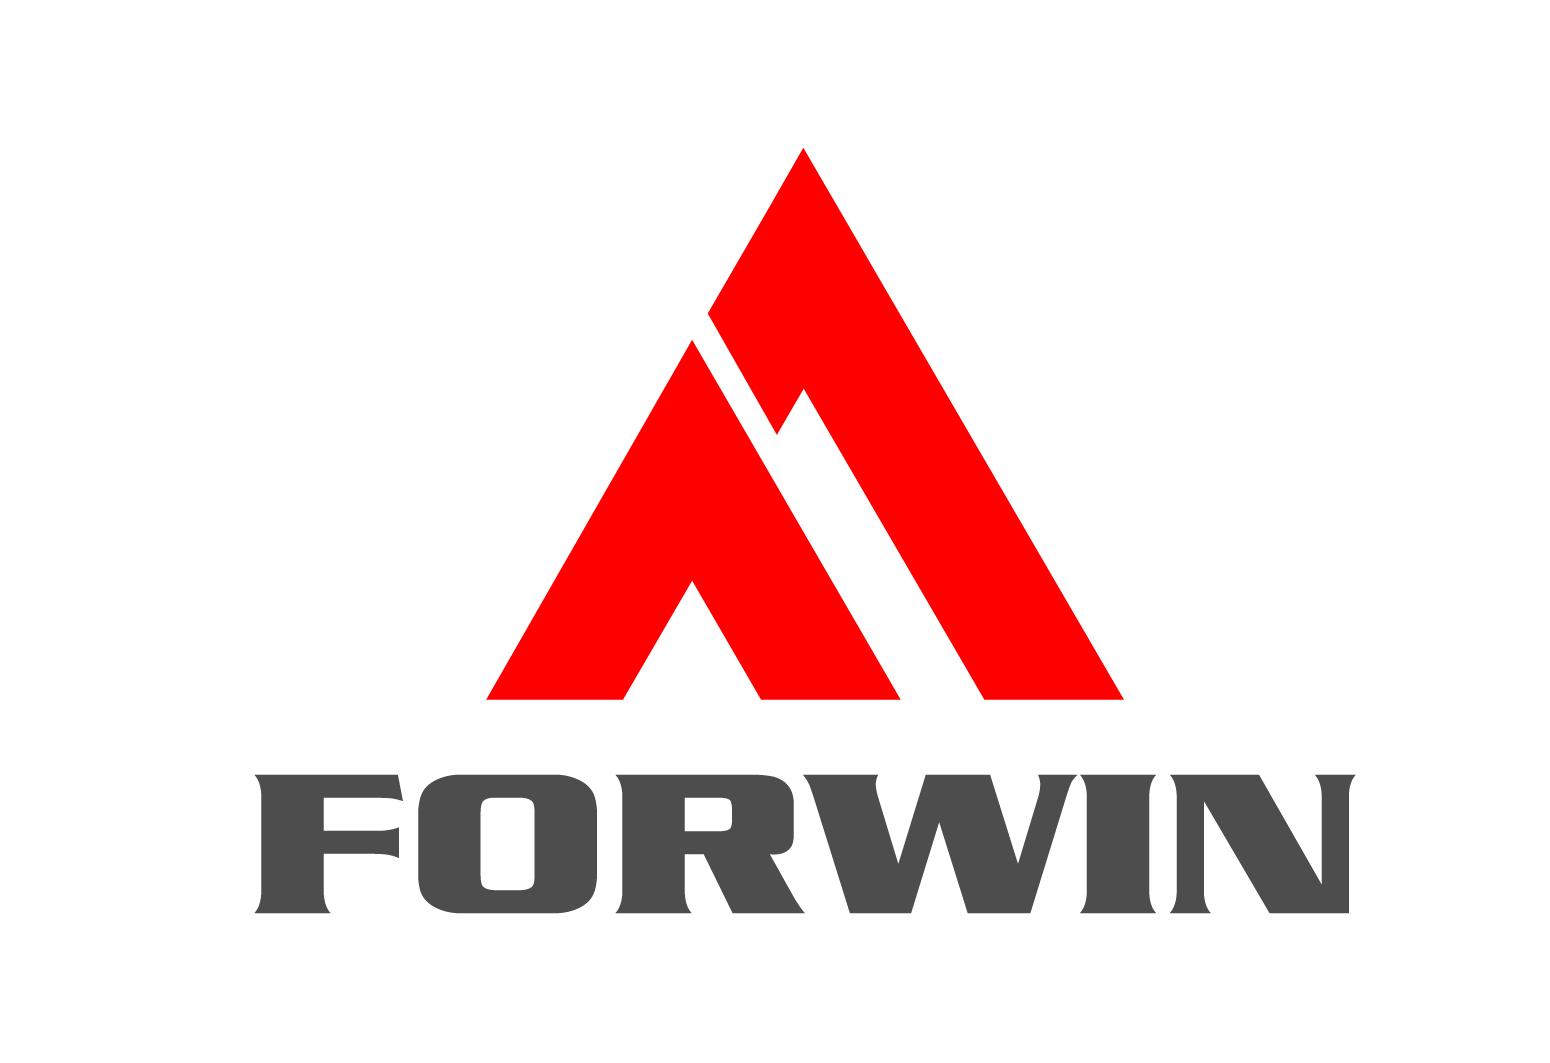 forwin-logo-01